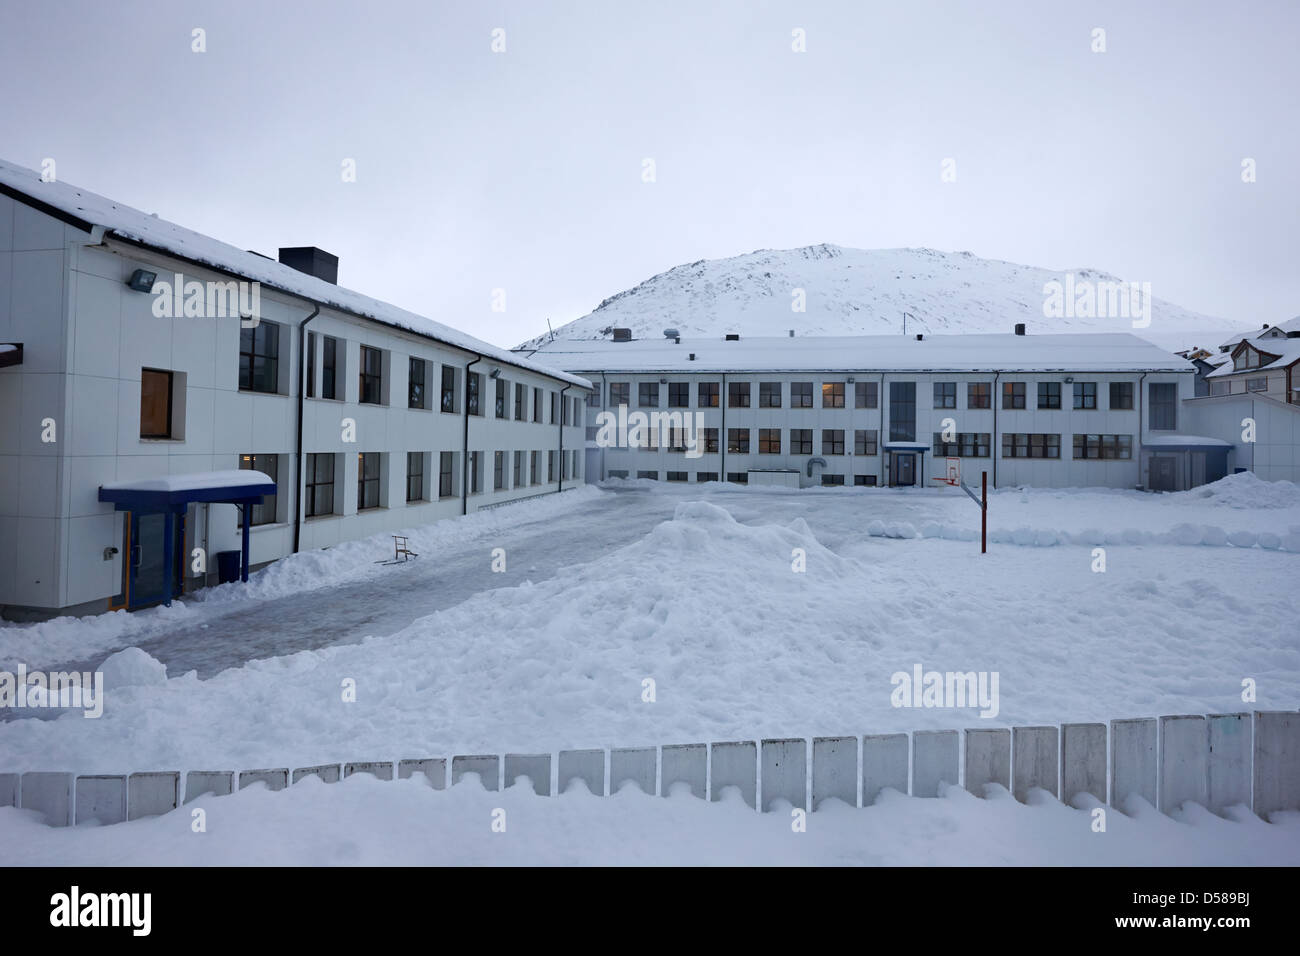 Honningsvag primary school finnmark norway europe - Stock Image